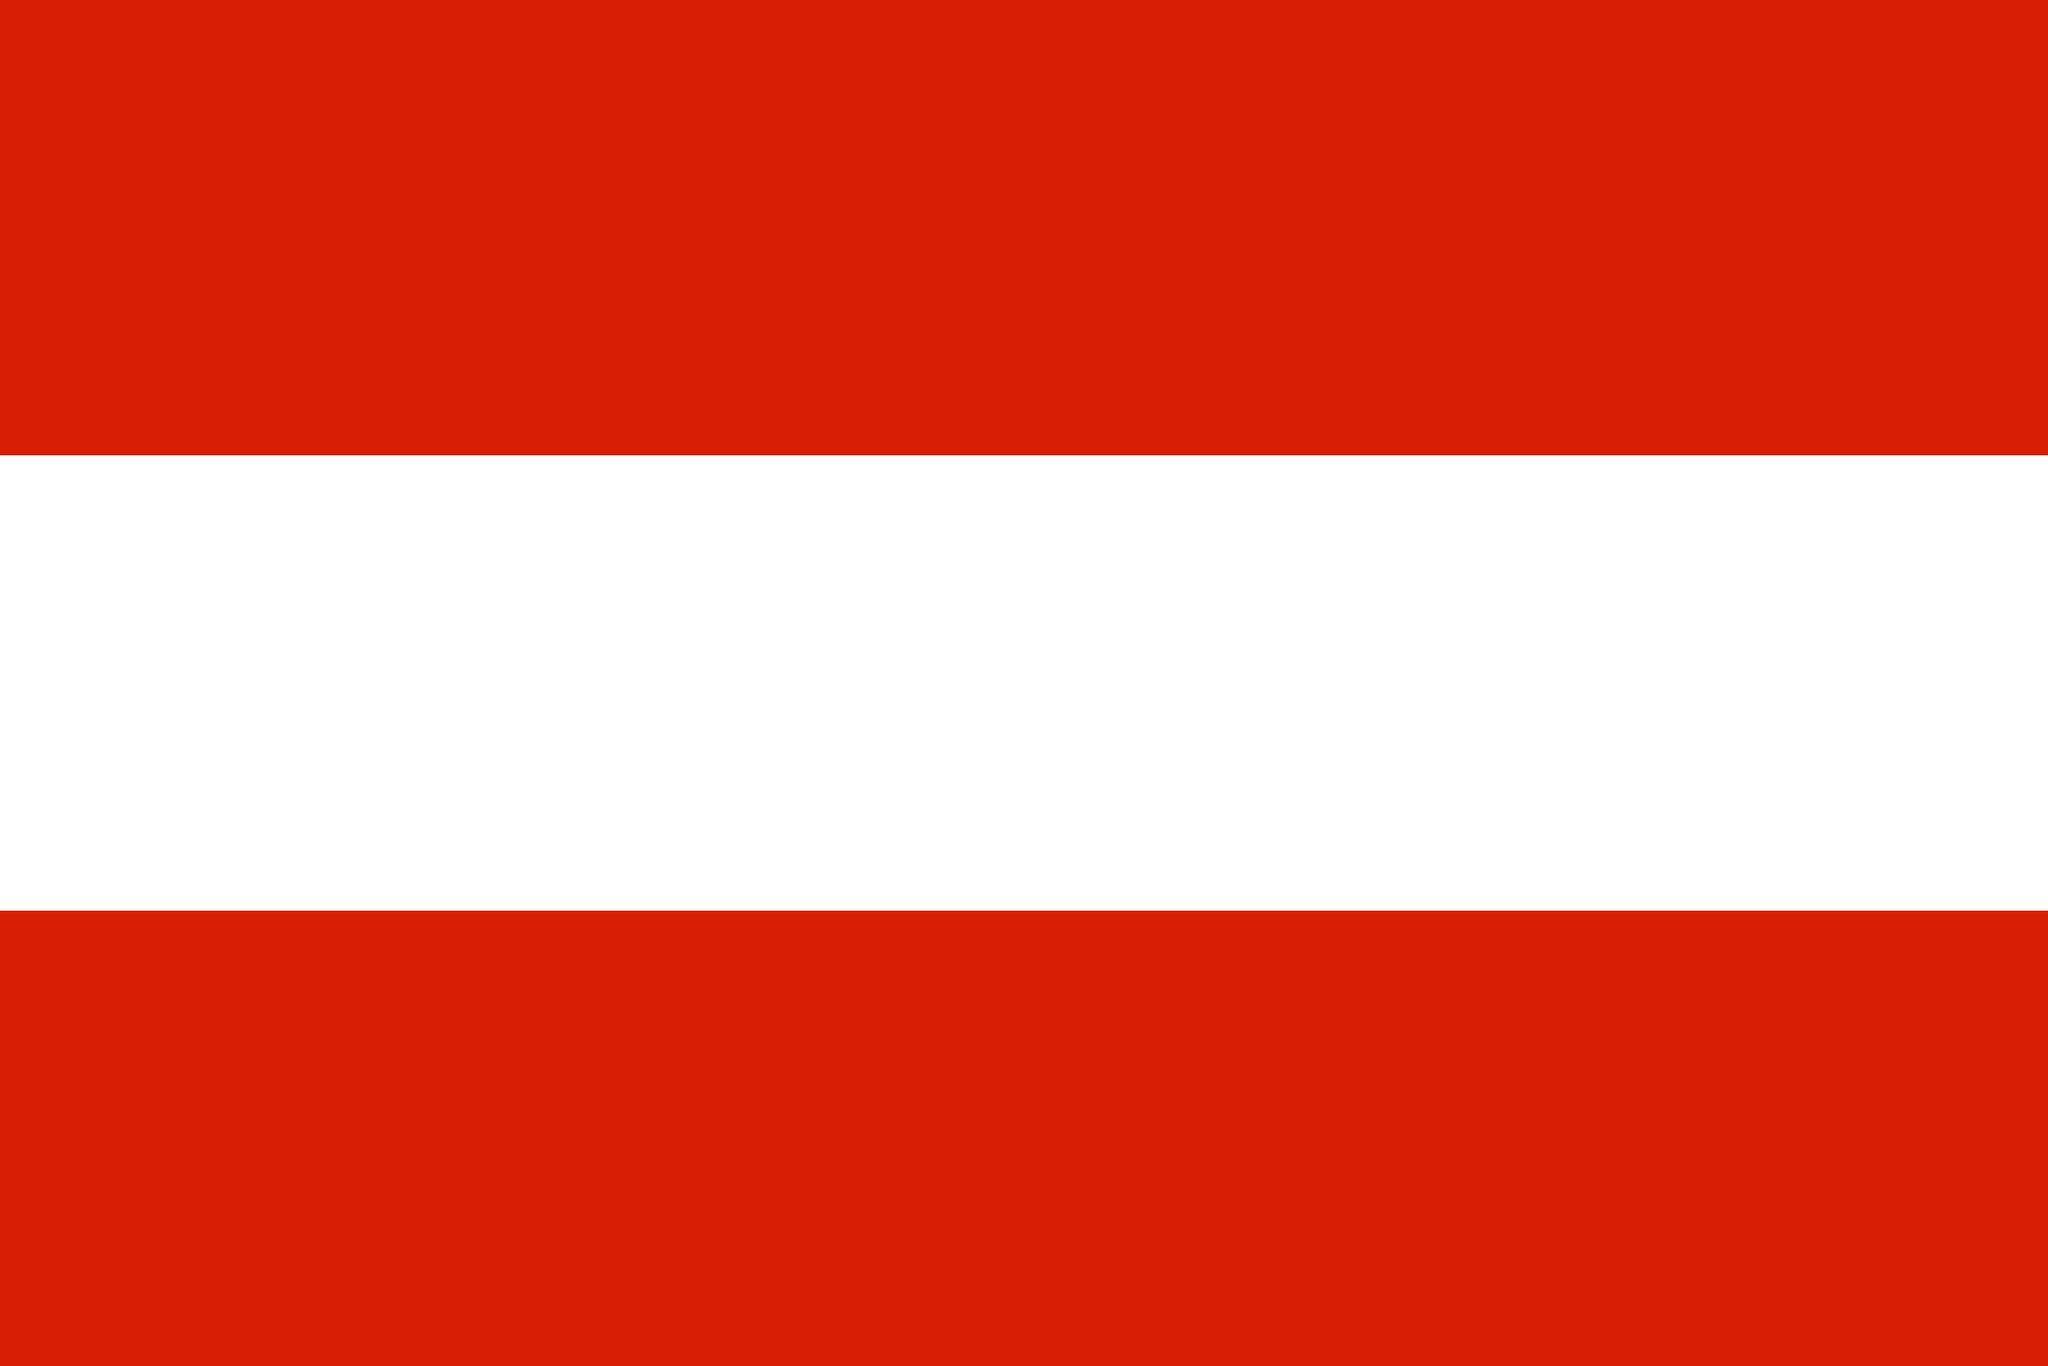 Très Drapeau de l'Autriche, Drapeaux du pays Autriche ZO97